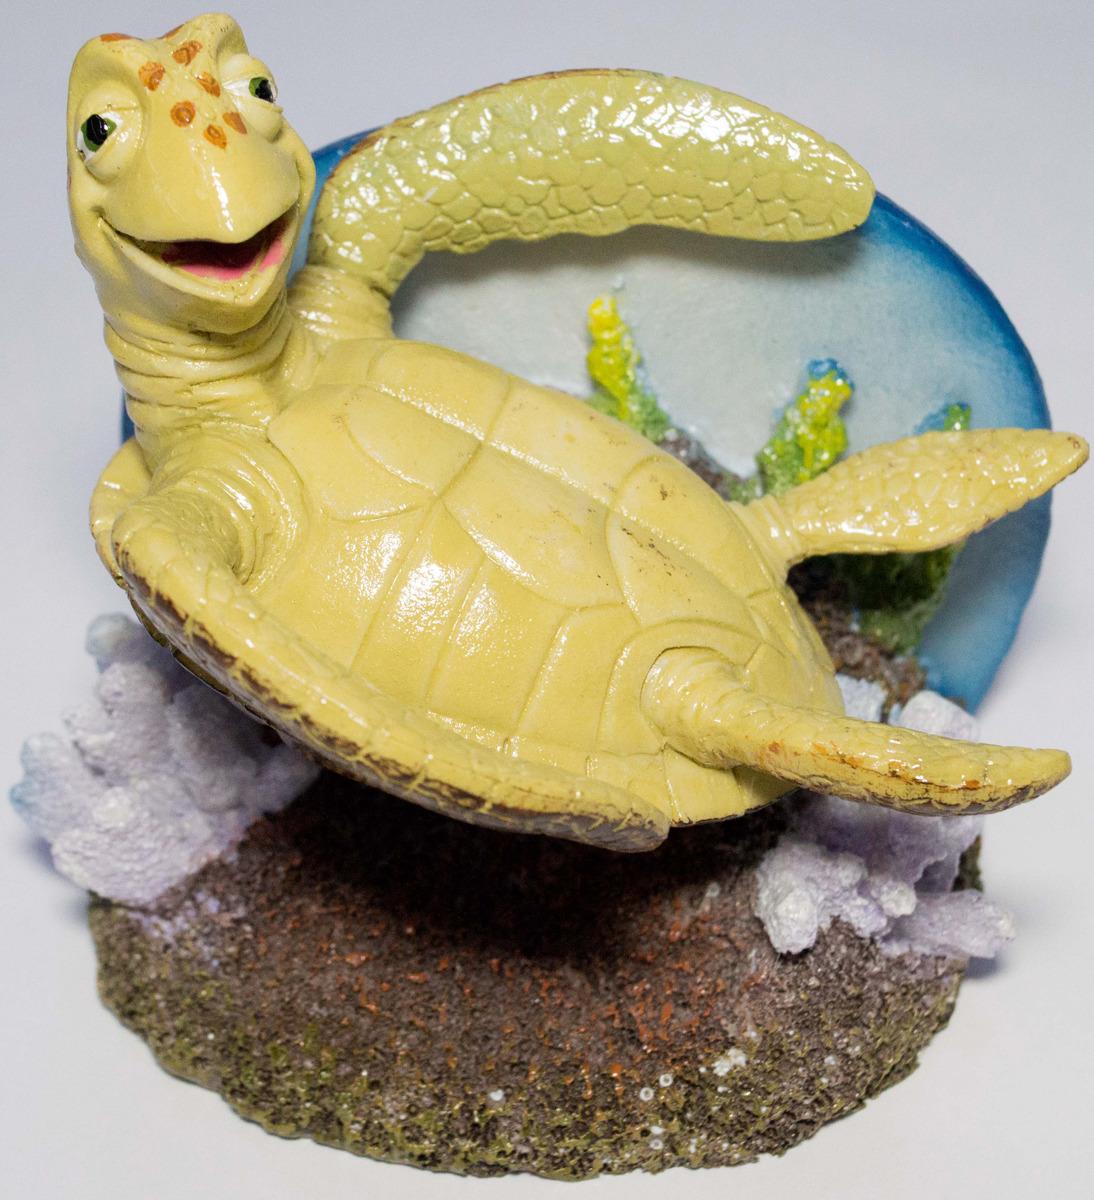 Декорация для аквариума Penn Plax Черепашка, NMR6, желтый, 12 см декорация для аквариума penn plax губка боб и патрик в каноэ 7 см